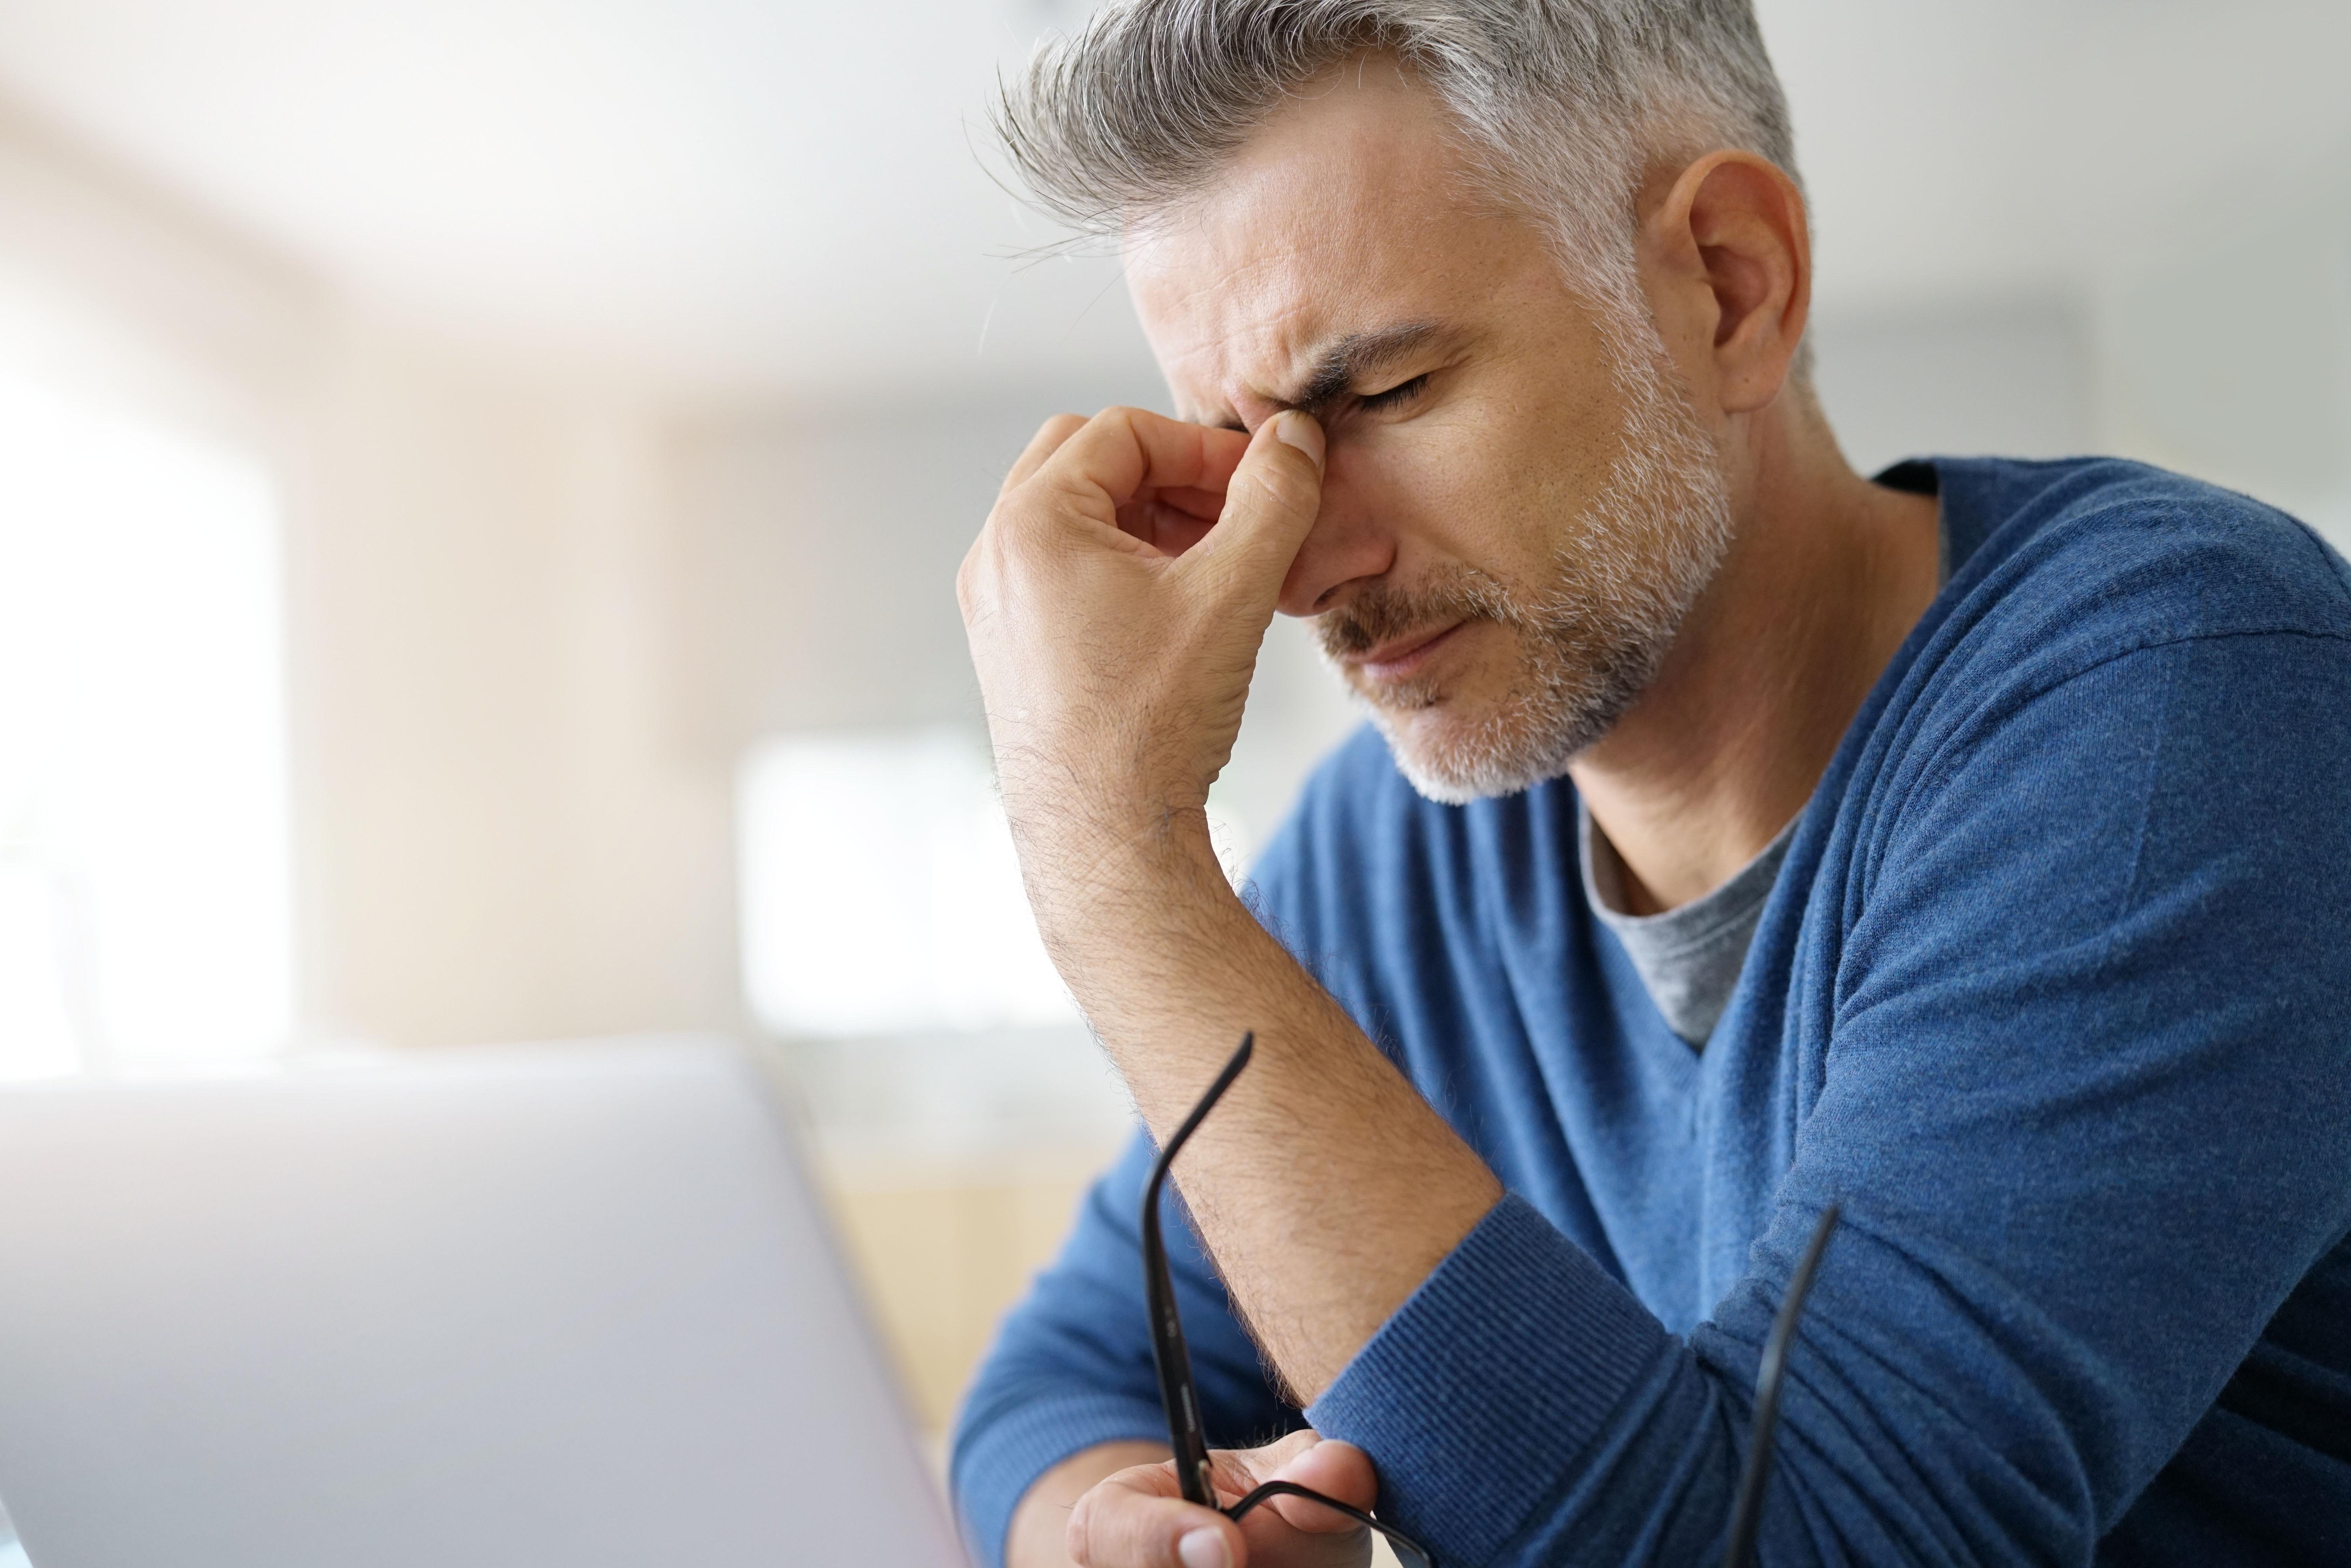 How does TMJ cause headaches?